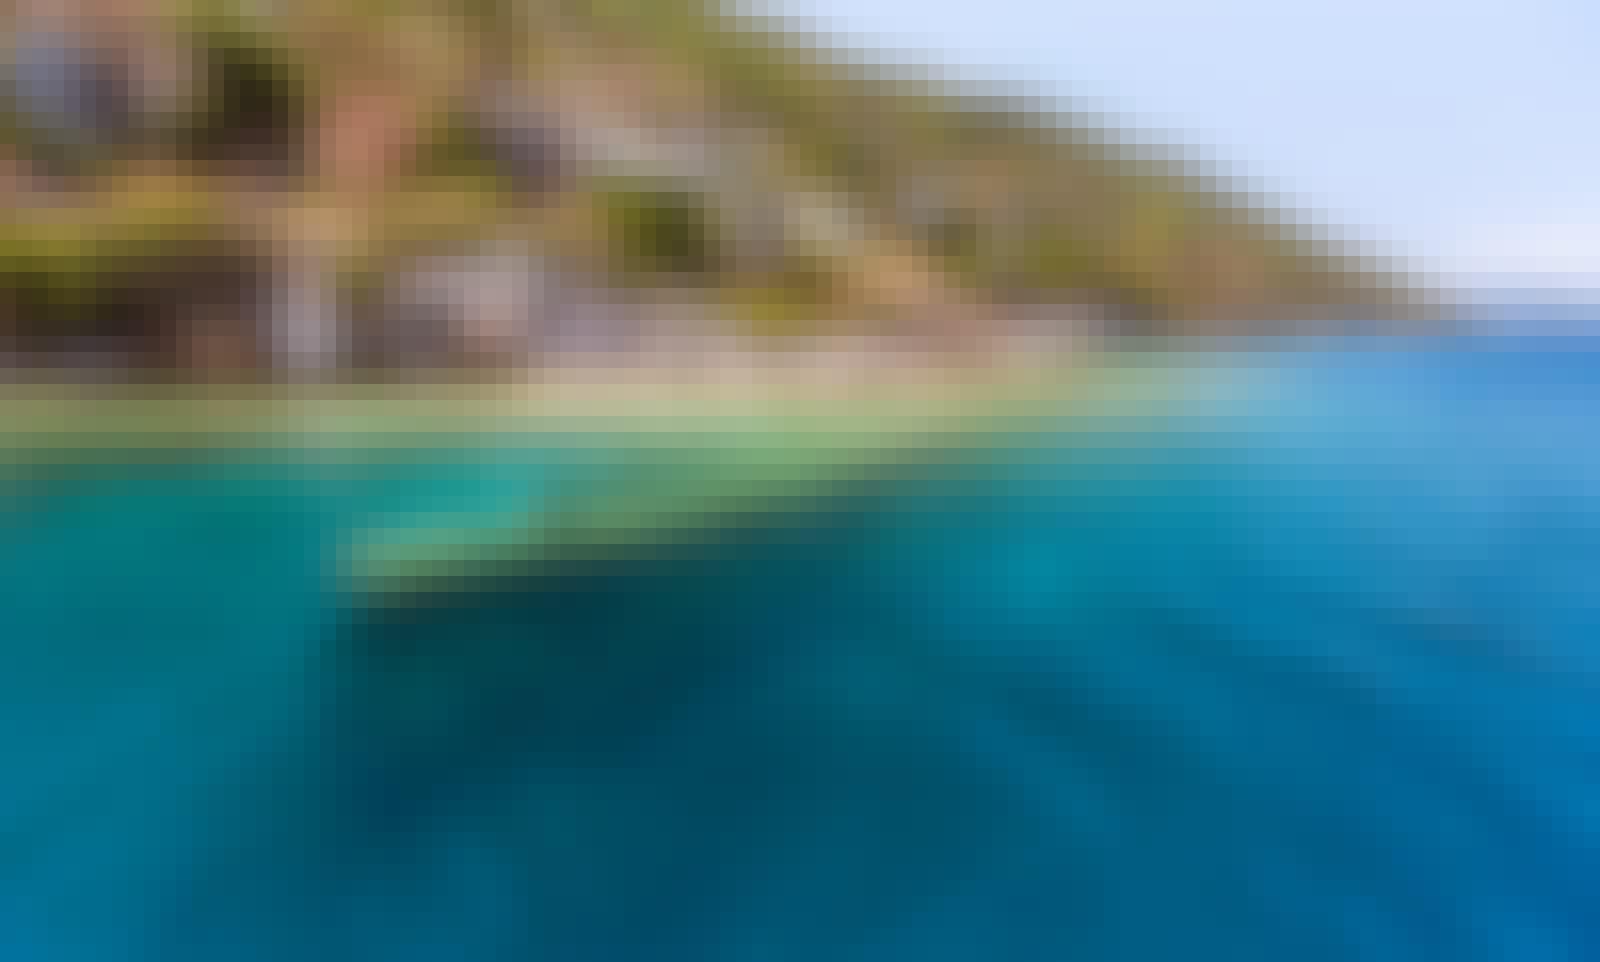 Daily Kekova(Sunkencity) Cruise